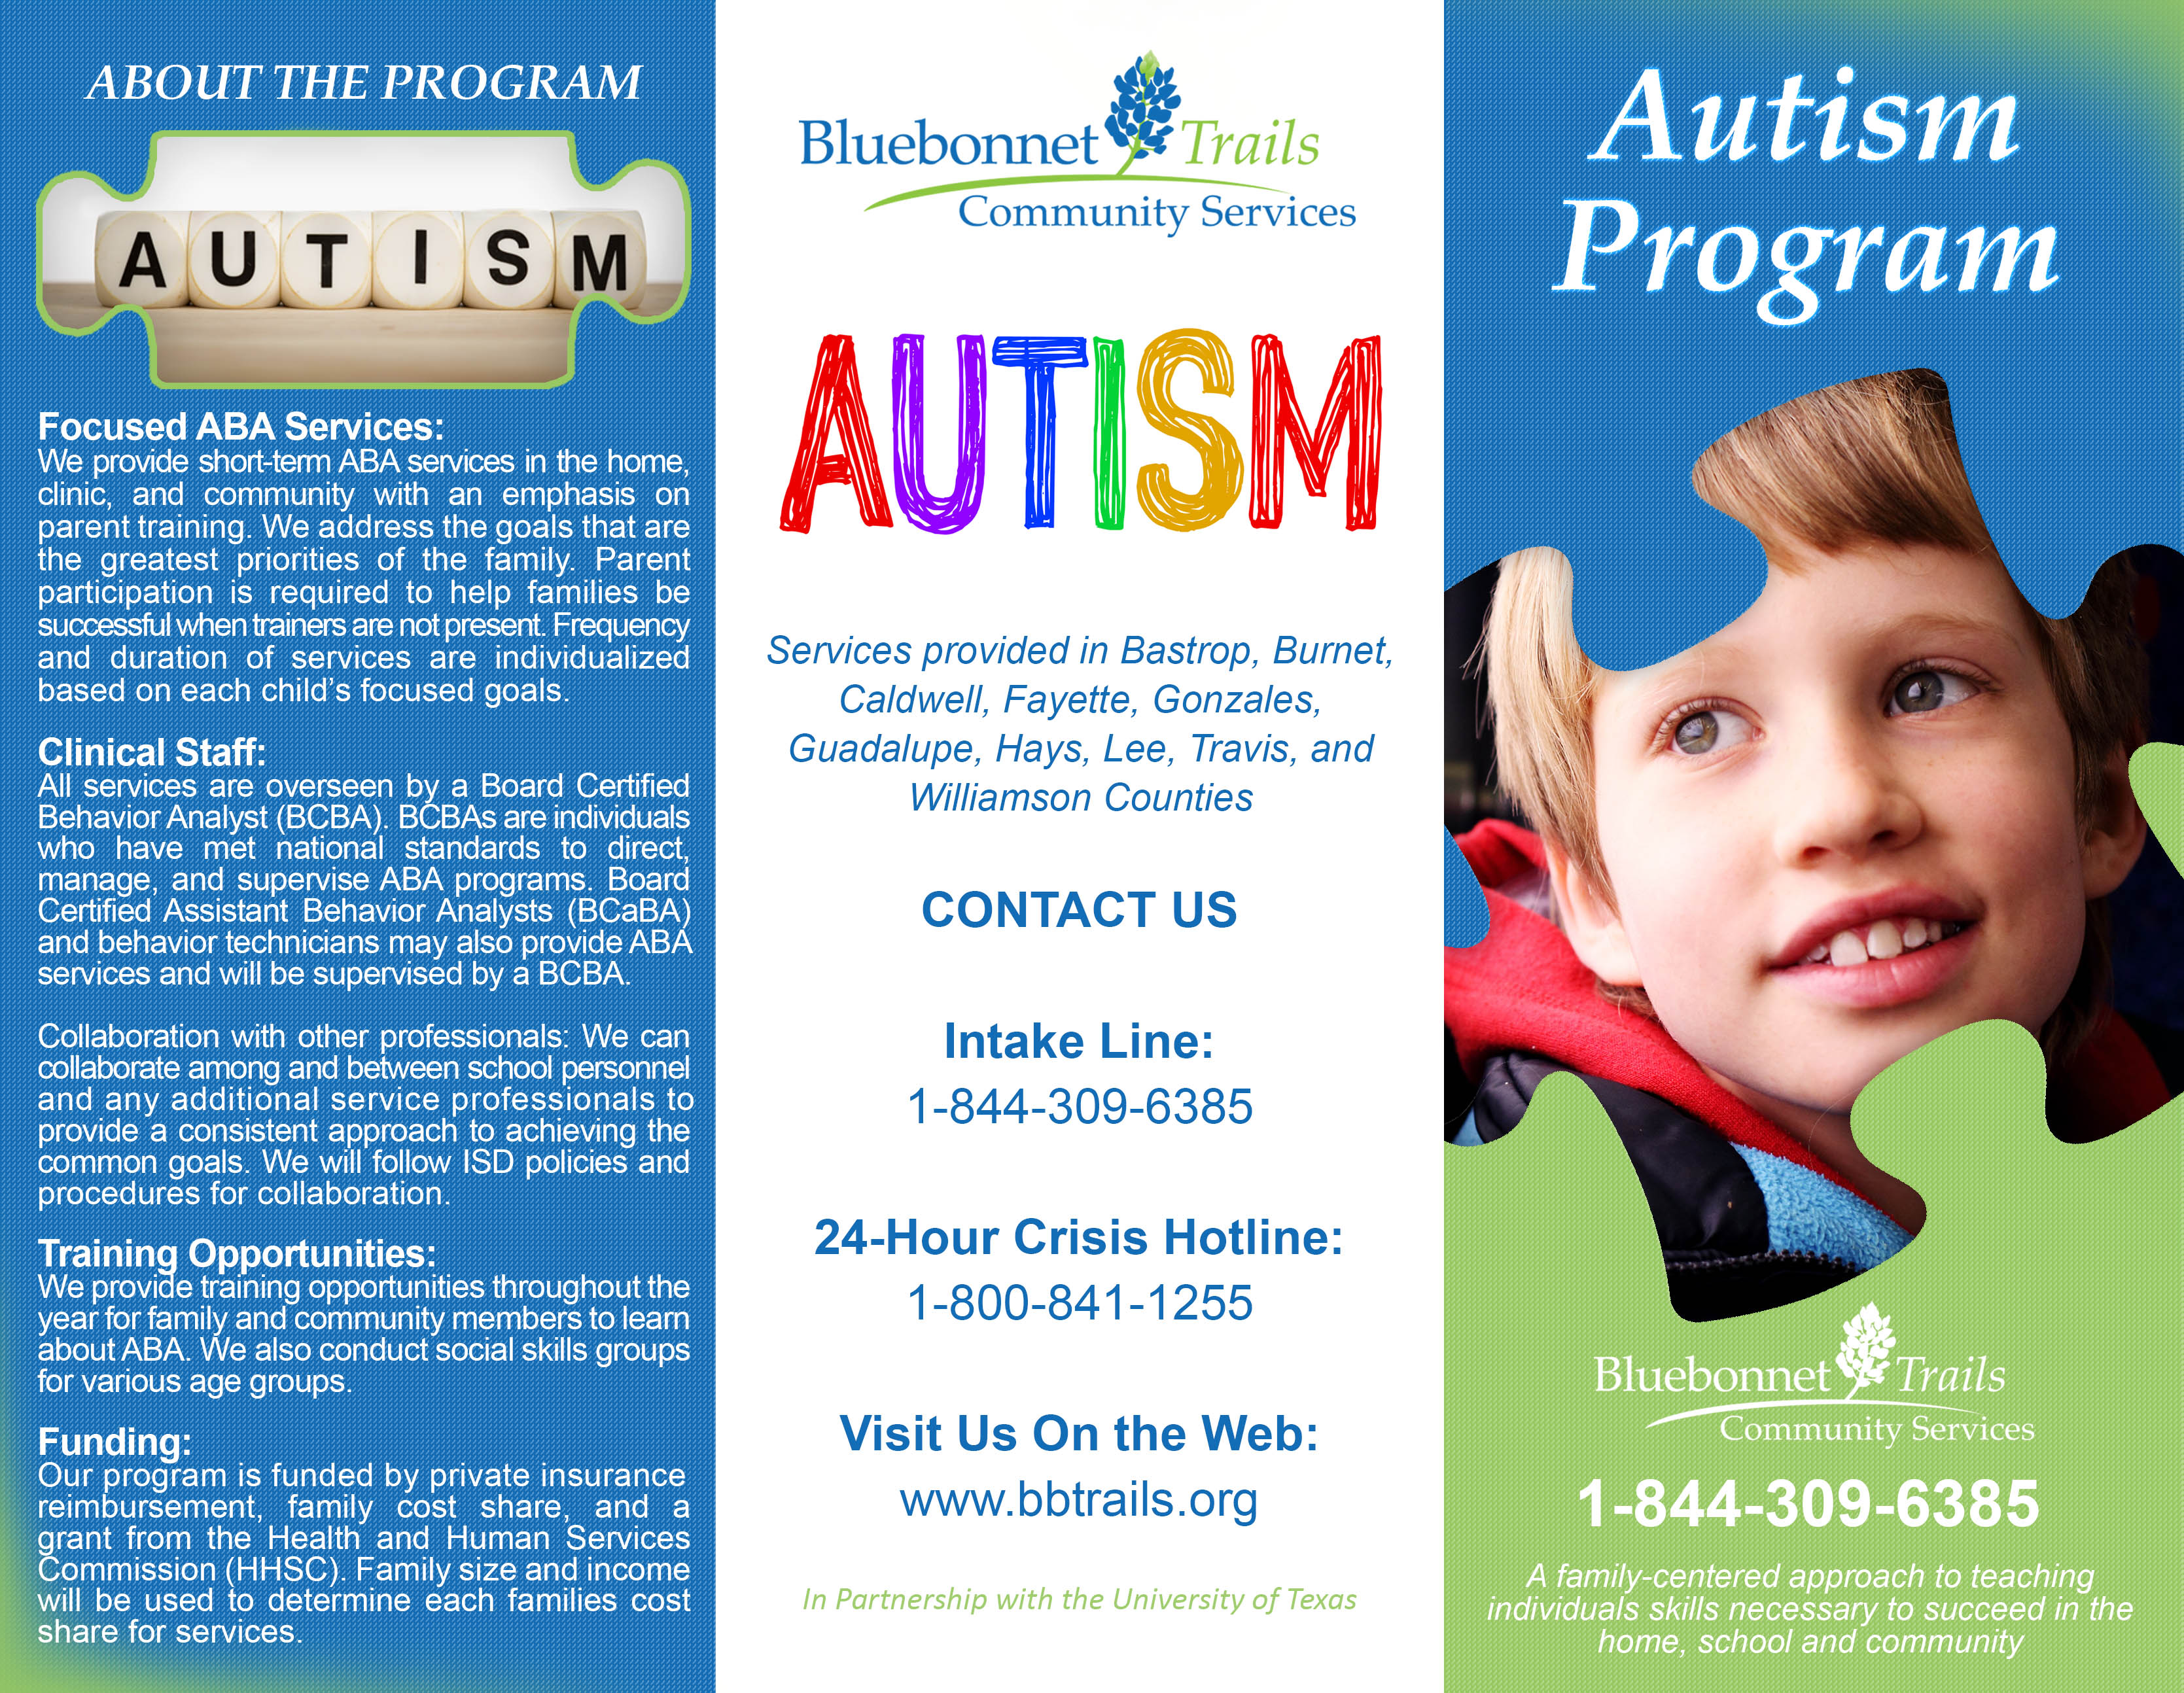 Autism Services Bluebonnet Trails Community Services